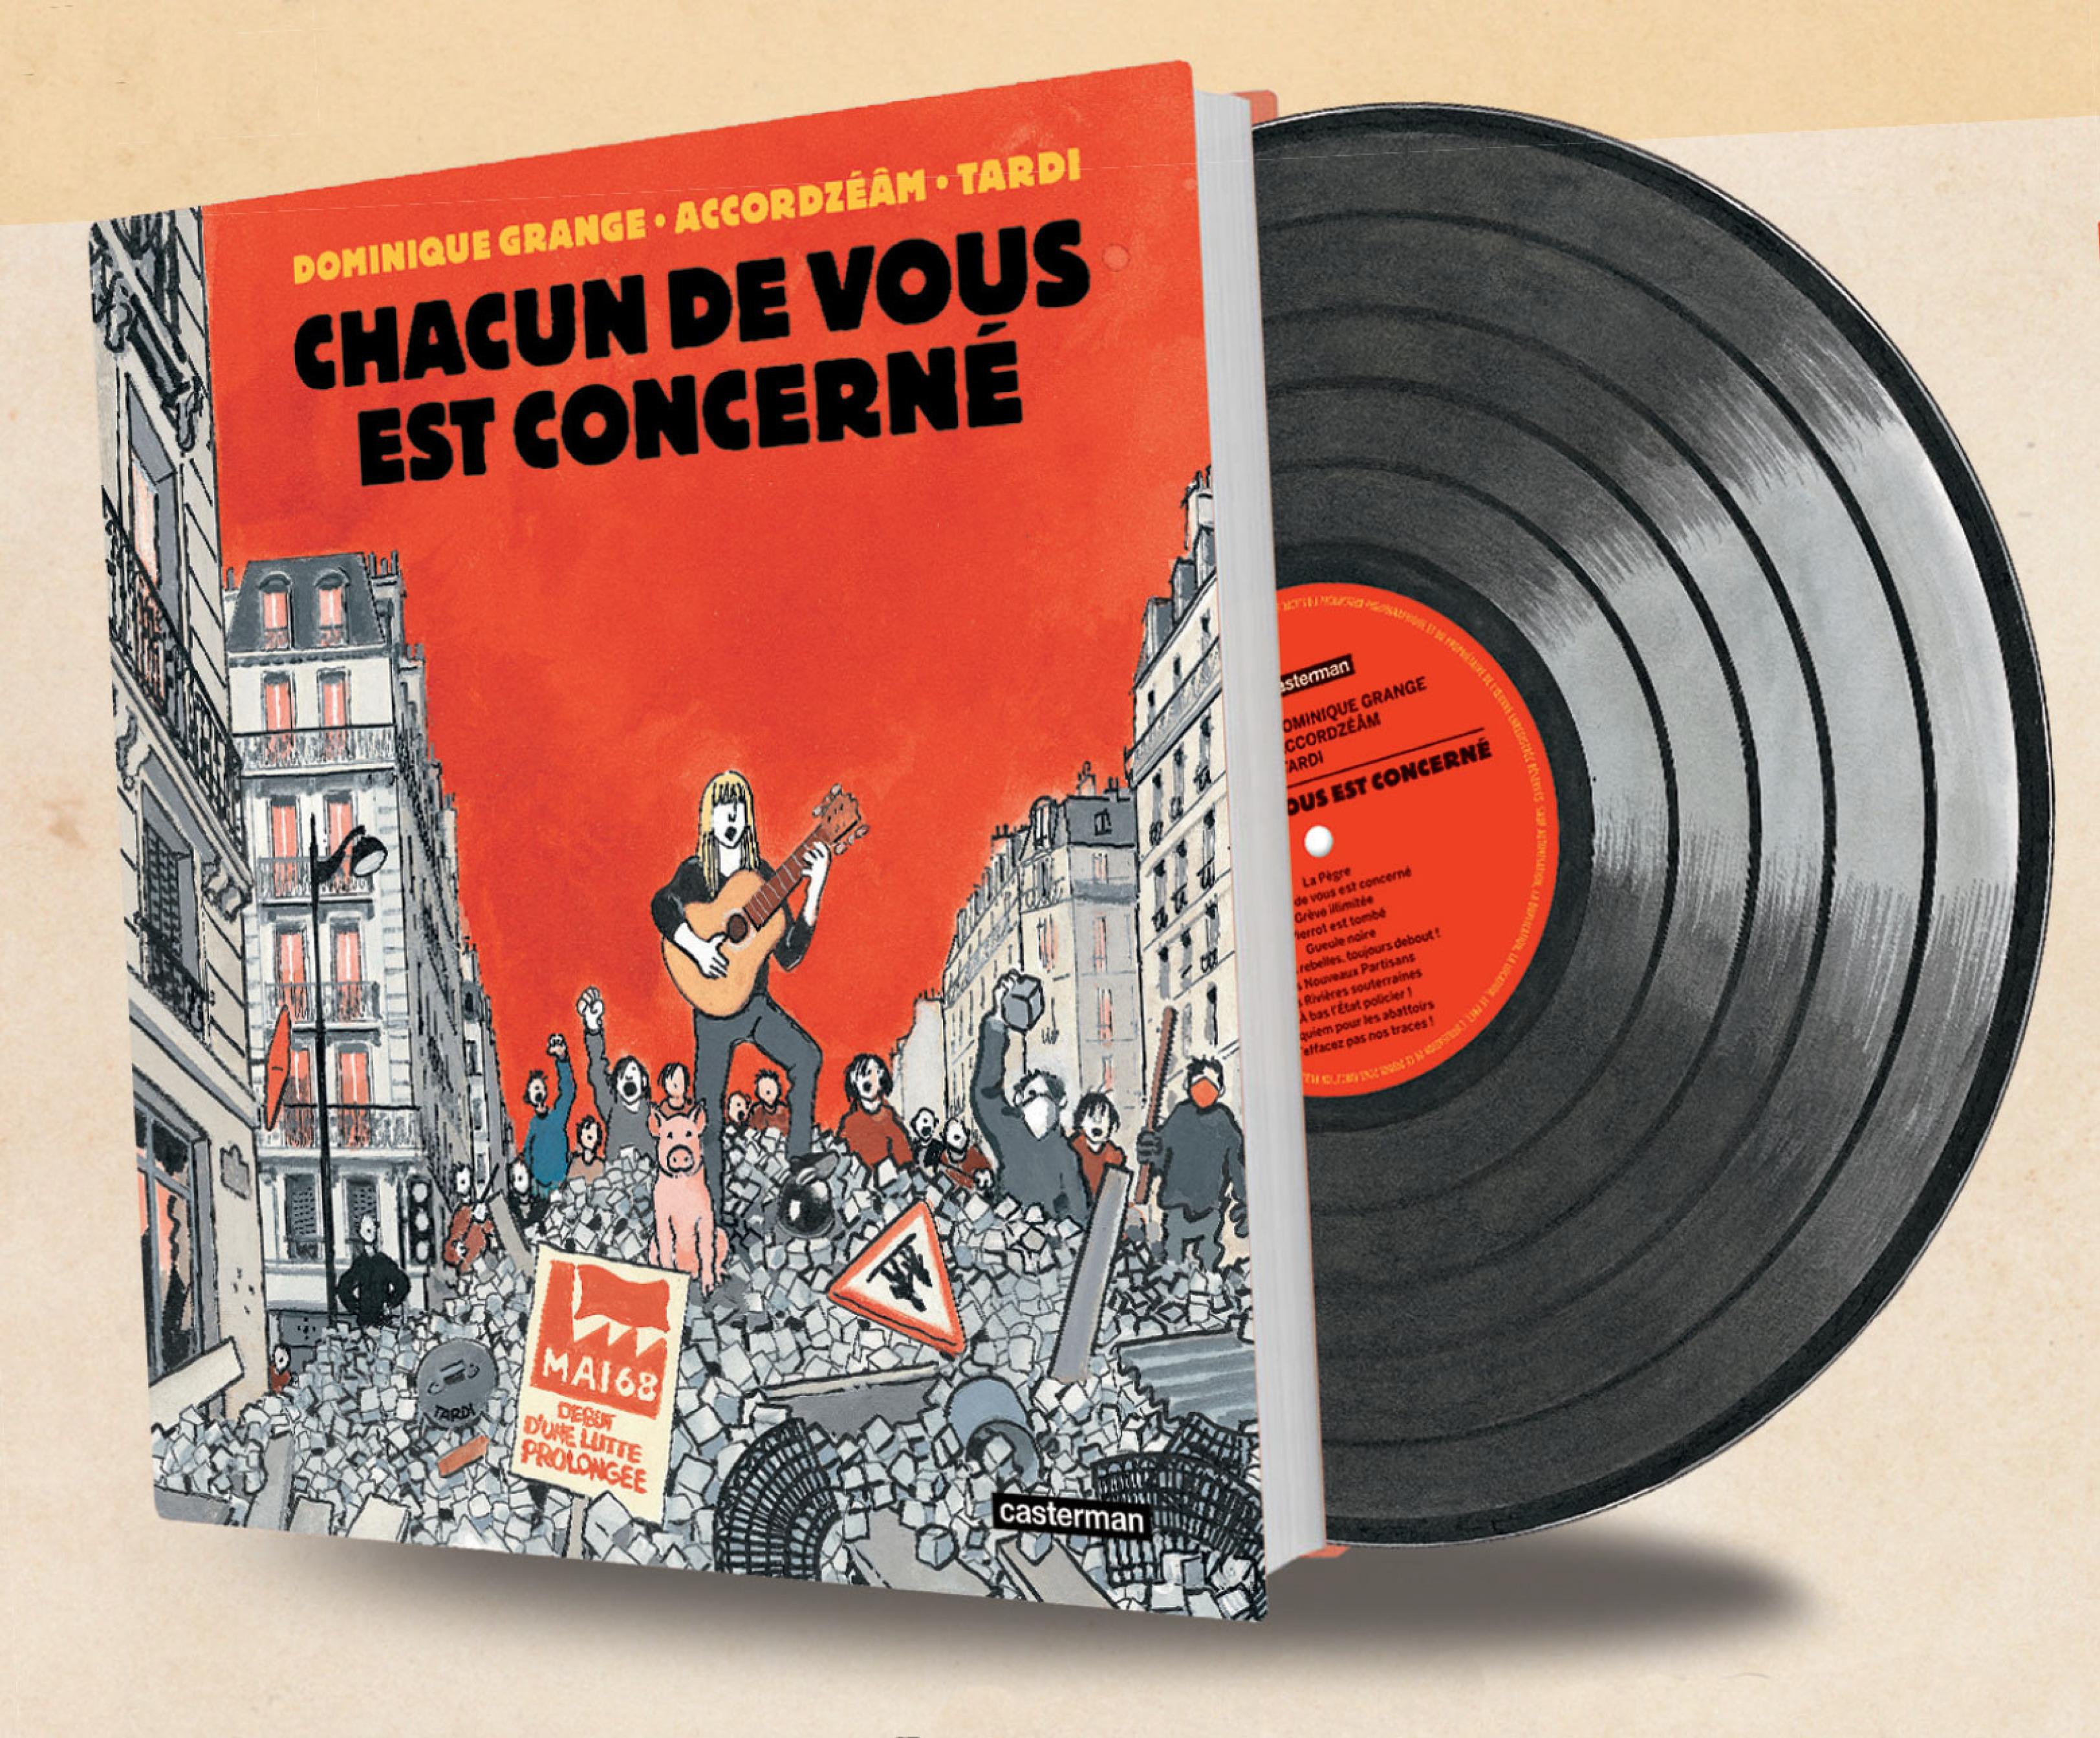 CHACUN DE VOUS EST CONCERNE